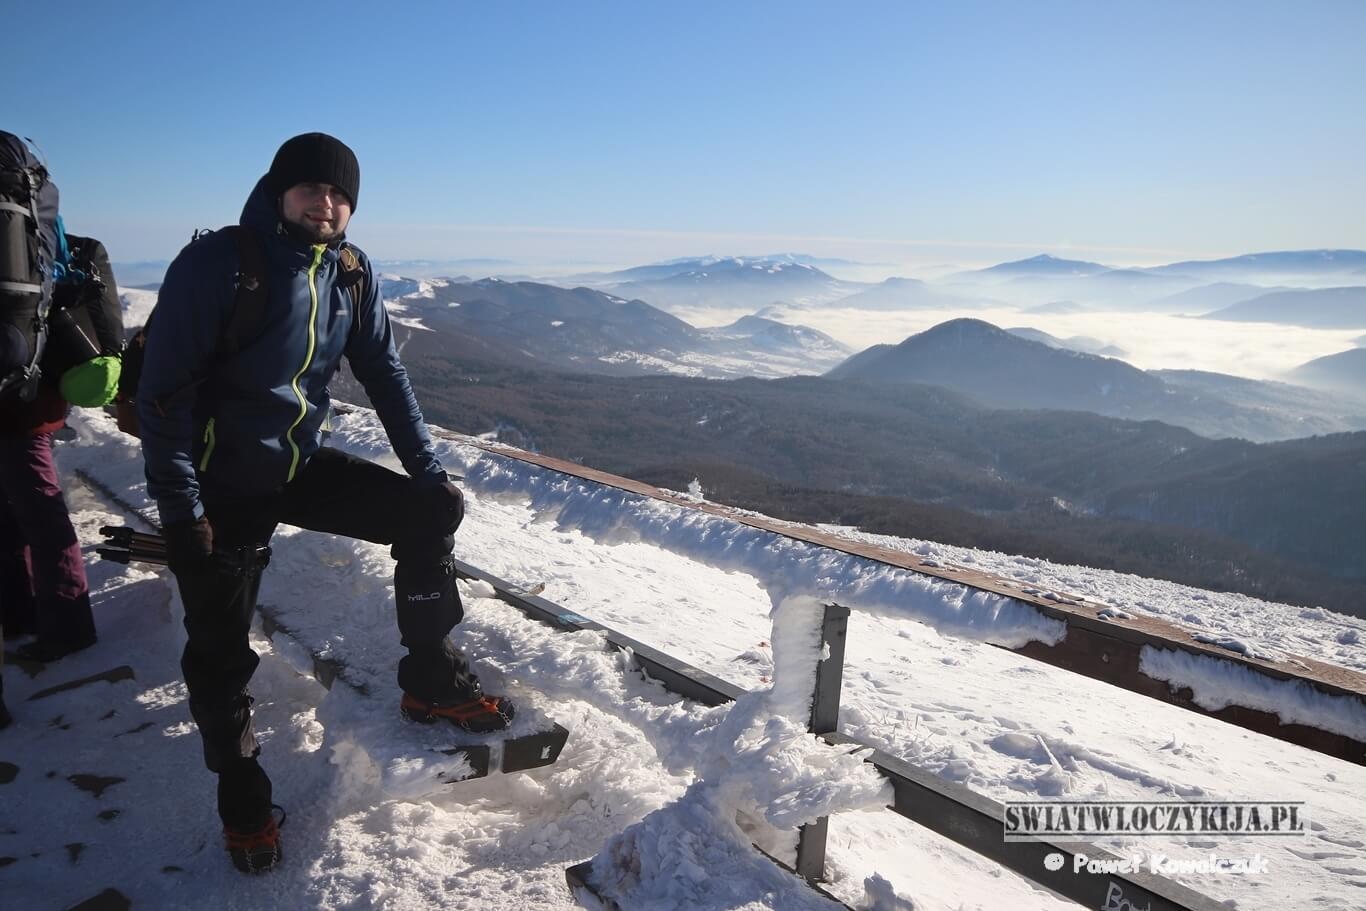 Widok ze szczytu Tarnicy. Na zdjęciu Paweł Kowalczuk - fotogra i bloger na tle okalającego szczyt morza chmur i gór.